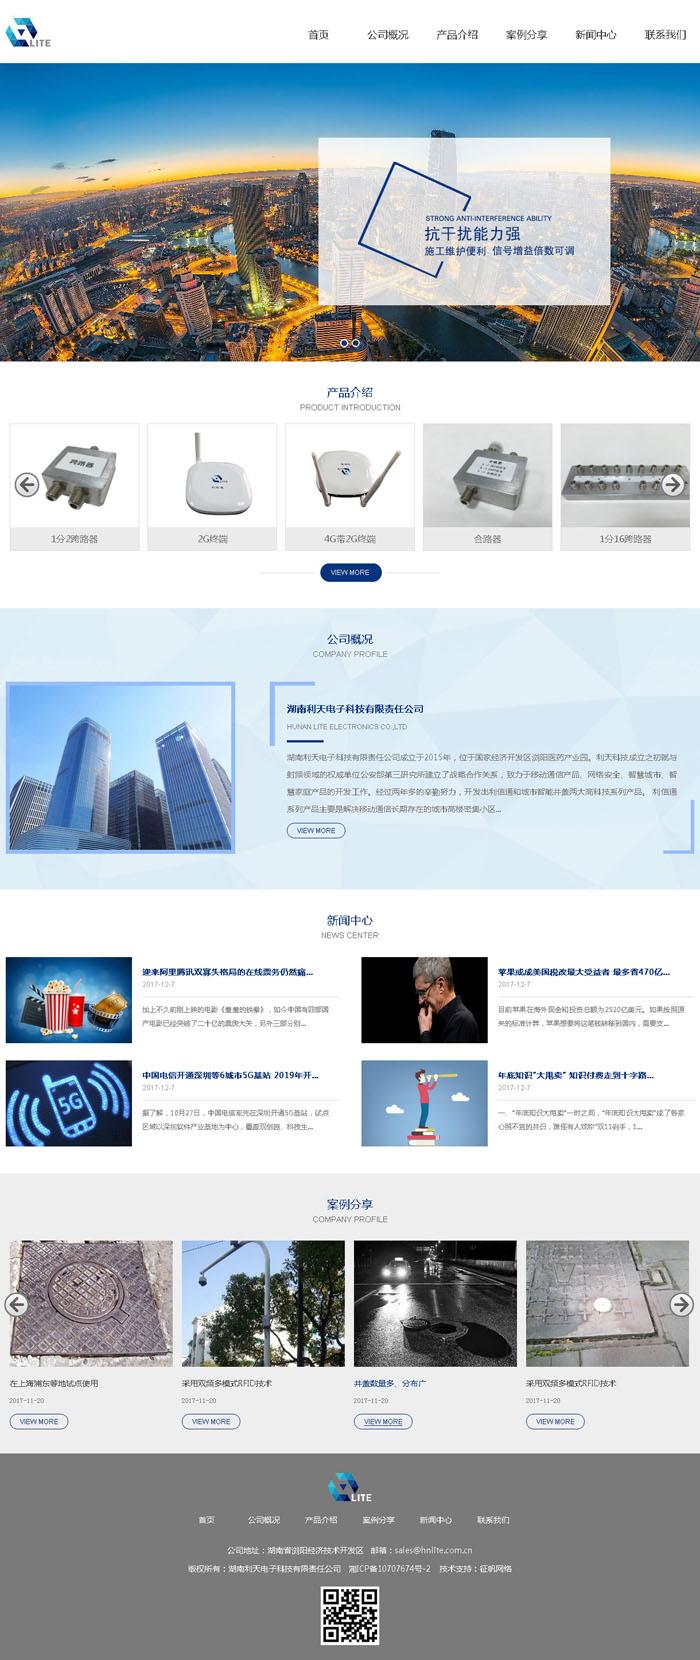 湖南利天电子科技有限责任公司网站建设效果图